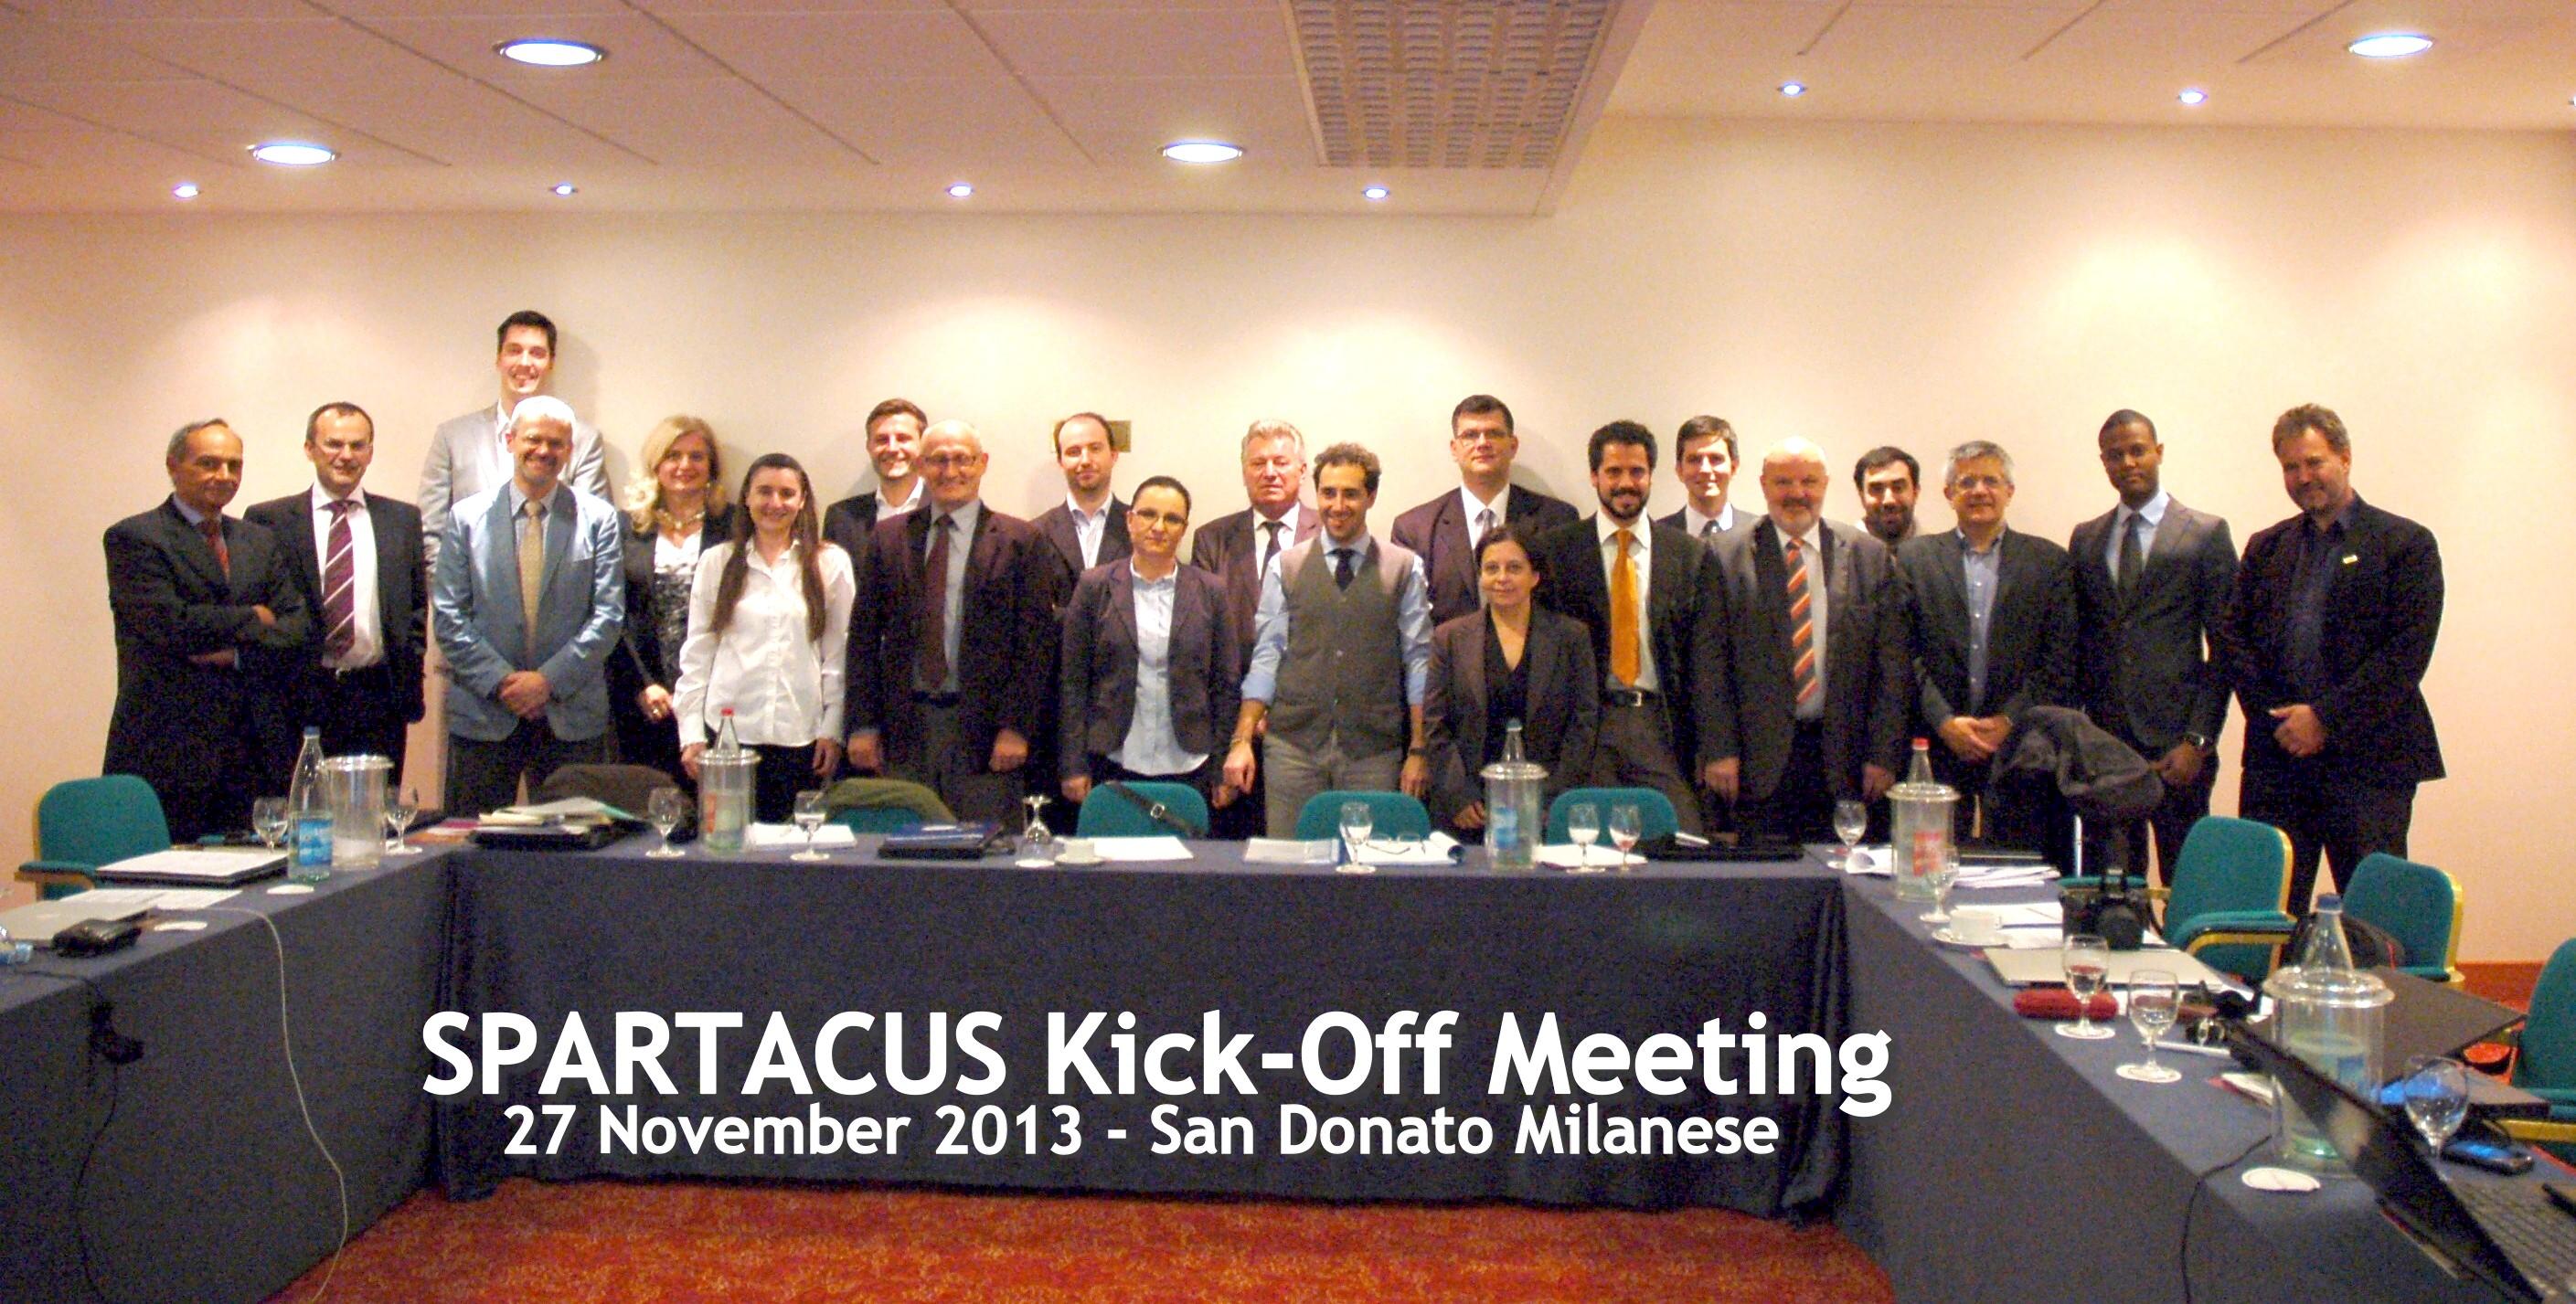 Gruppenbild der Partner im Spartacus Projekt nach einem erfolgreichen Kick-off-Treffen in Mailand.